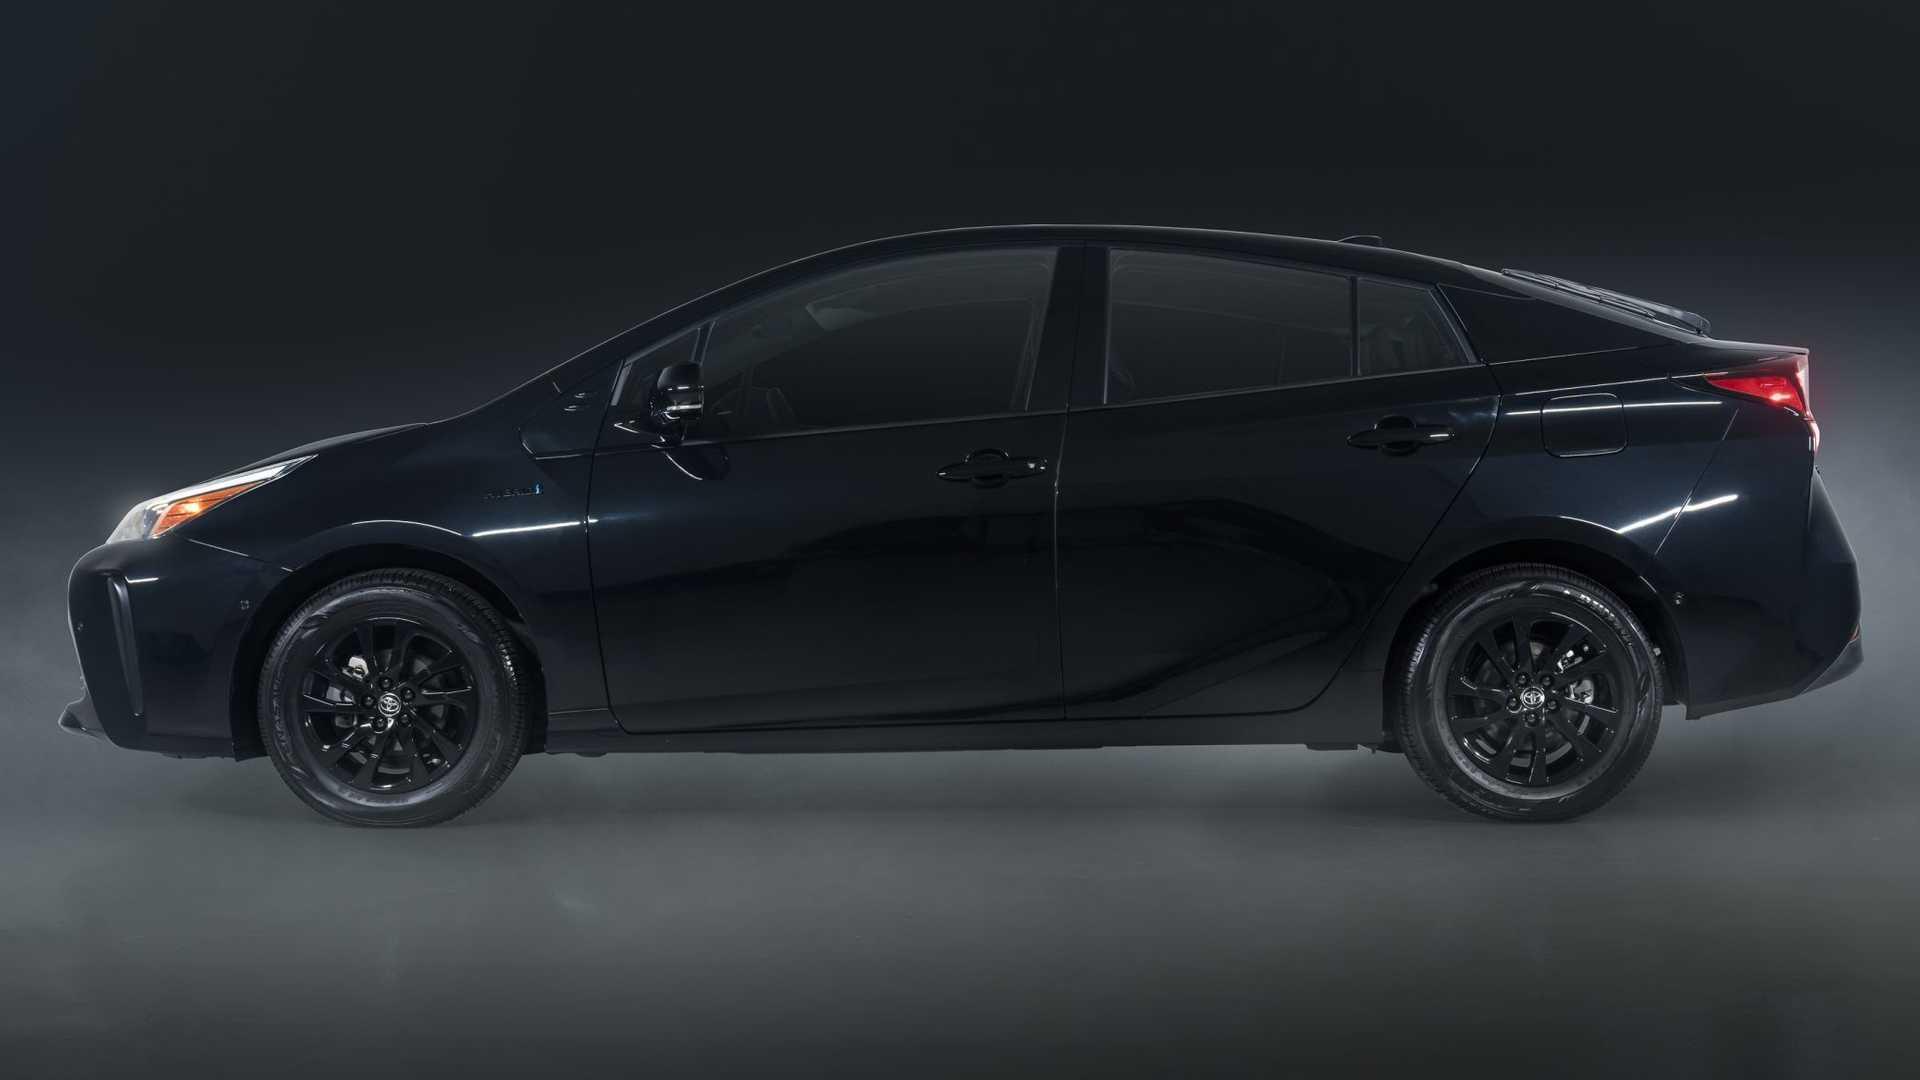 2022 toyota prius nightshade special edition side - أسعار ومواصفات سيارات تويوتا بريوس 2022 في الأمارات